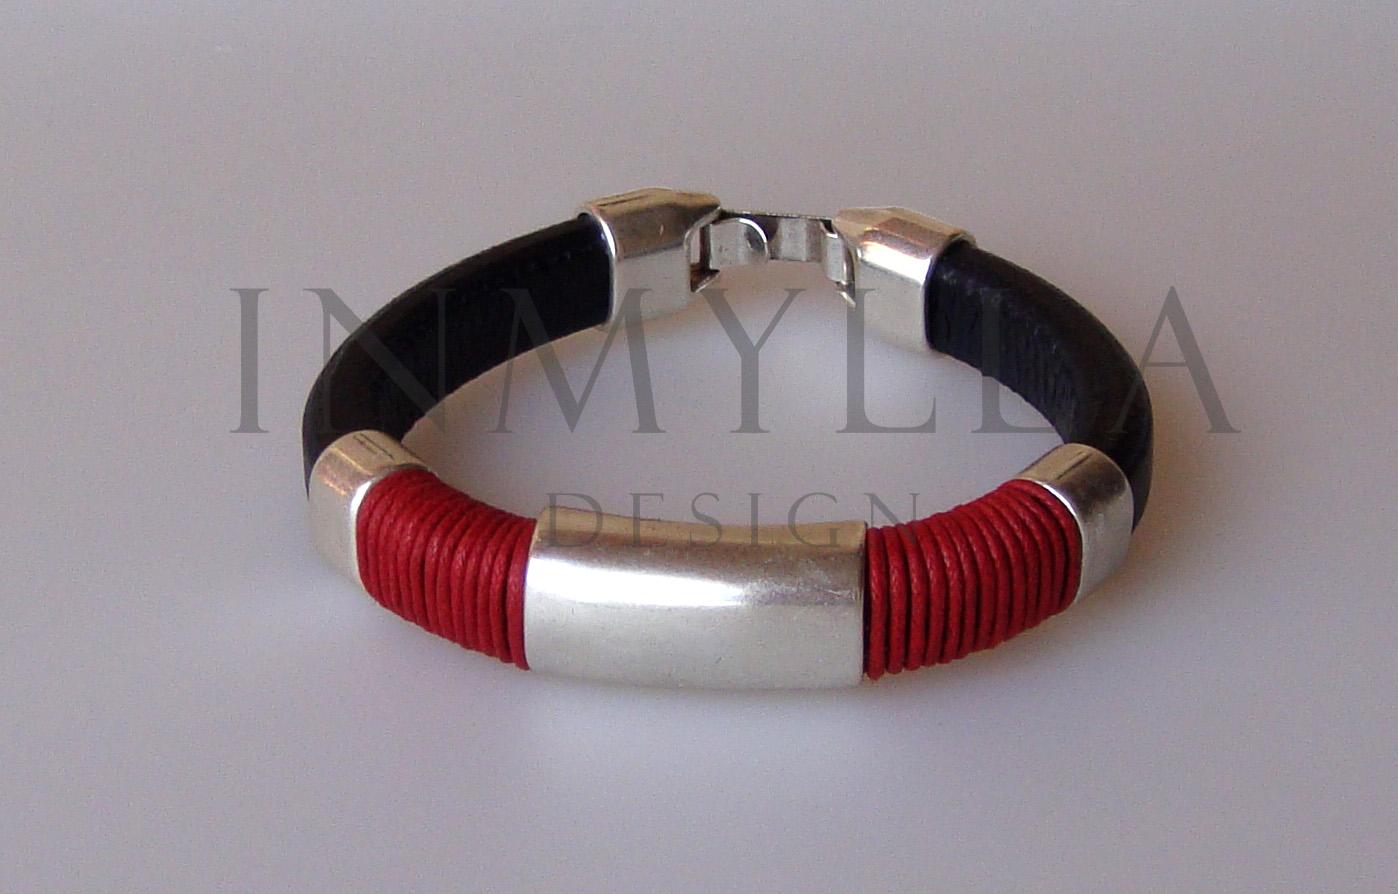 Inmylla design pulsera tubo de hombre for Tubo corrugado rojo precio